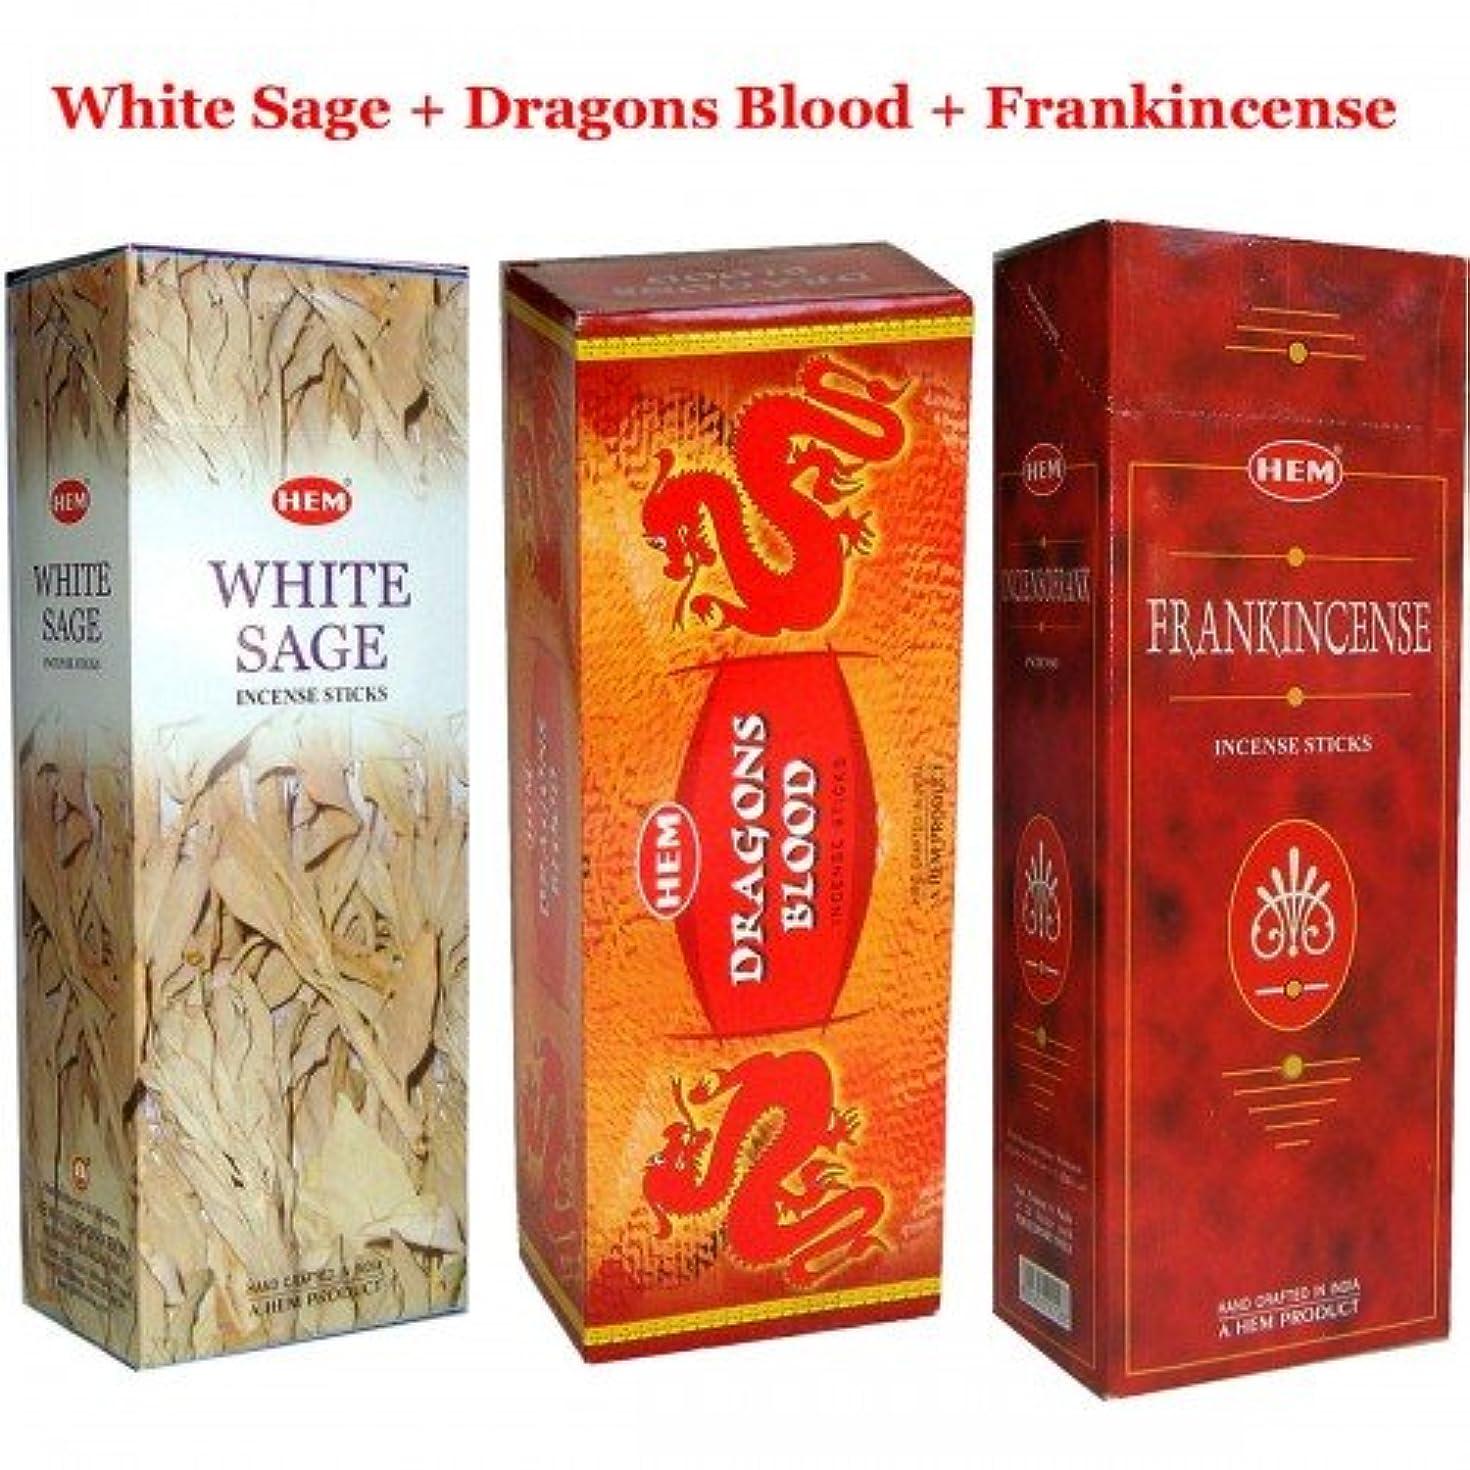 また飼い慣らすバーチャルバルク360?Sticks Hemホワイトセージ、Frankincense、ドラゴンブラッド香、3ボックス?–?(360?Sticksバルクper order)